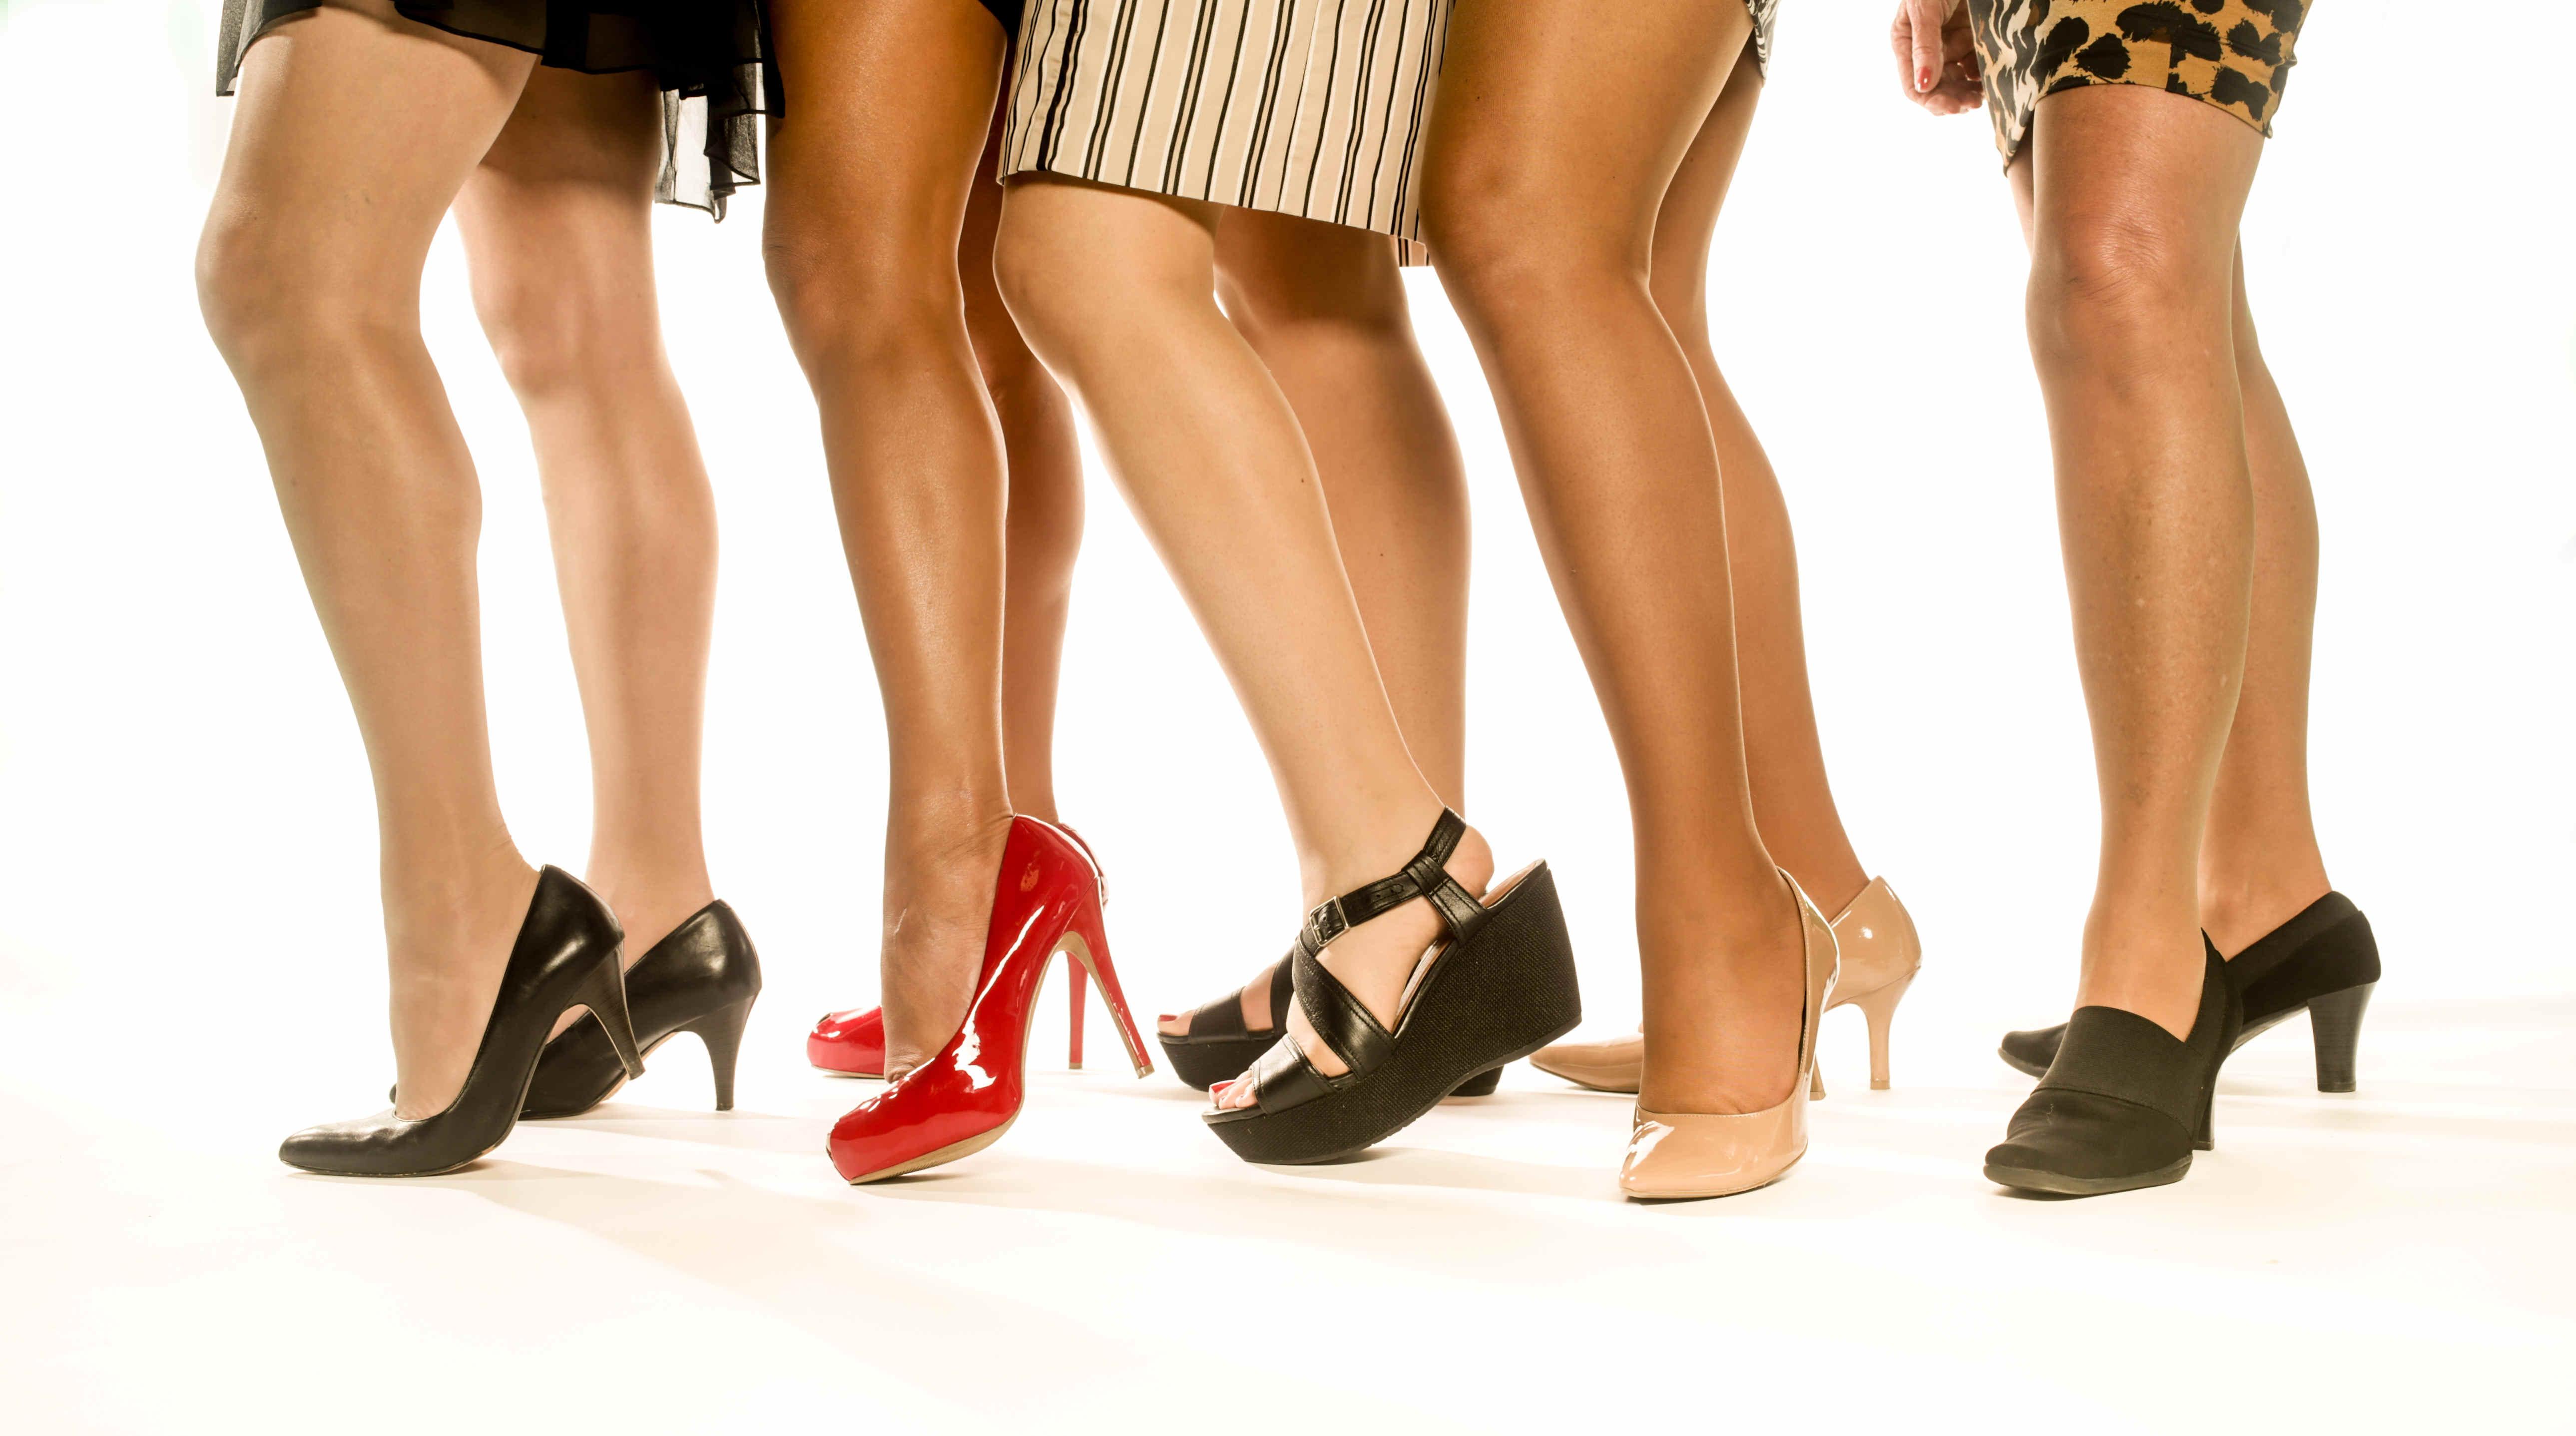 nudisten fotos nylons in high heels